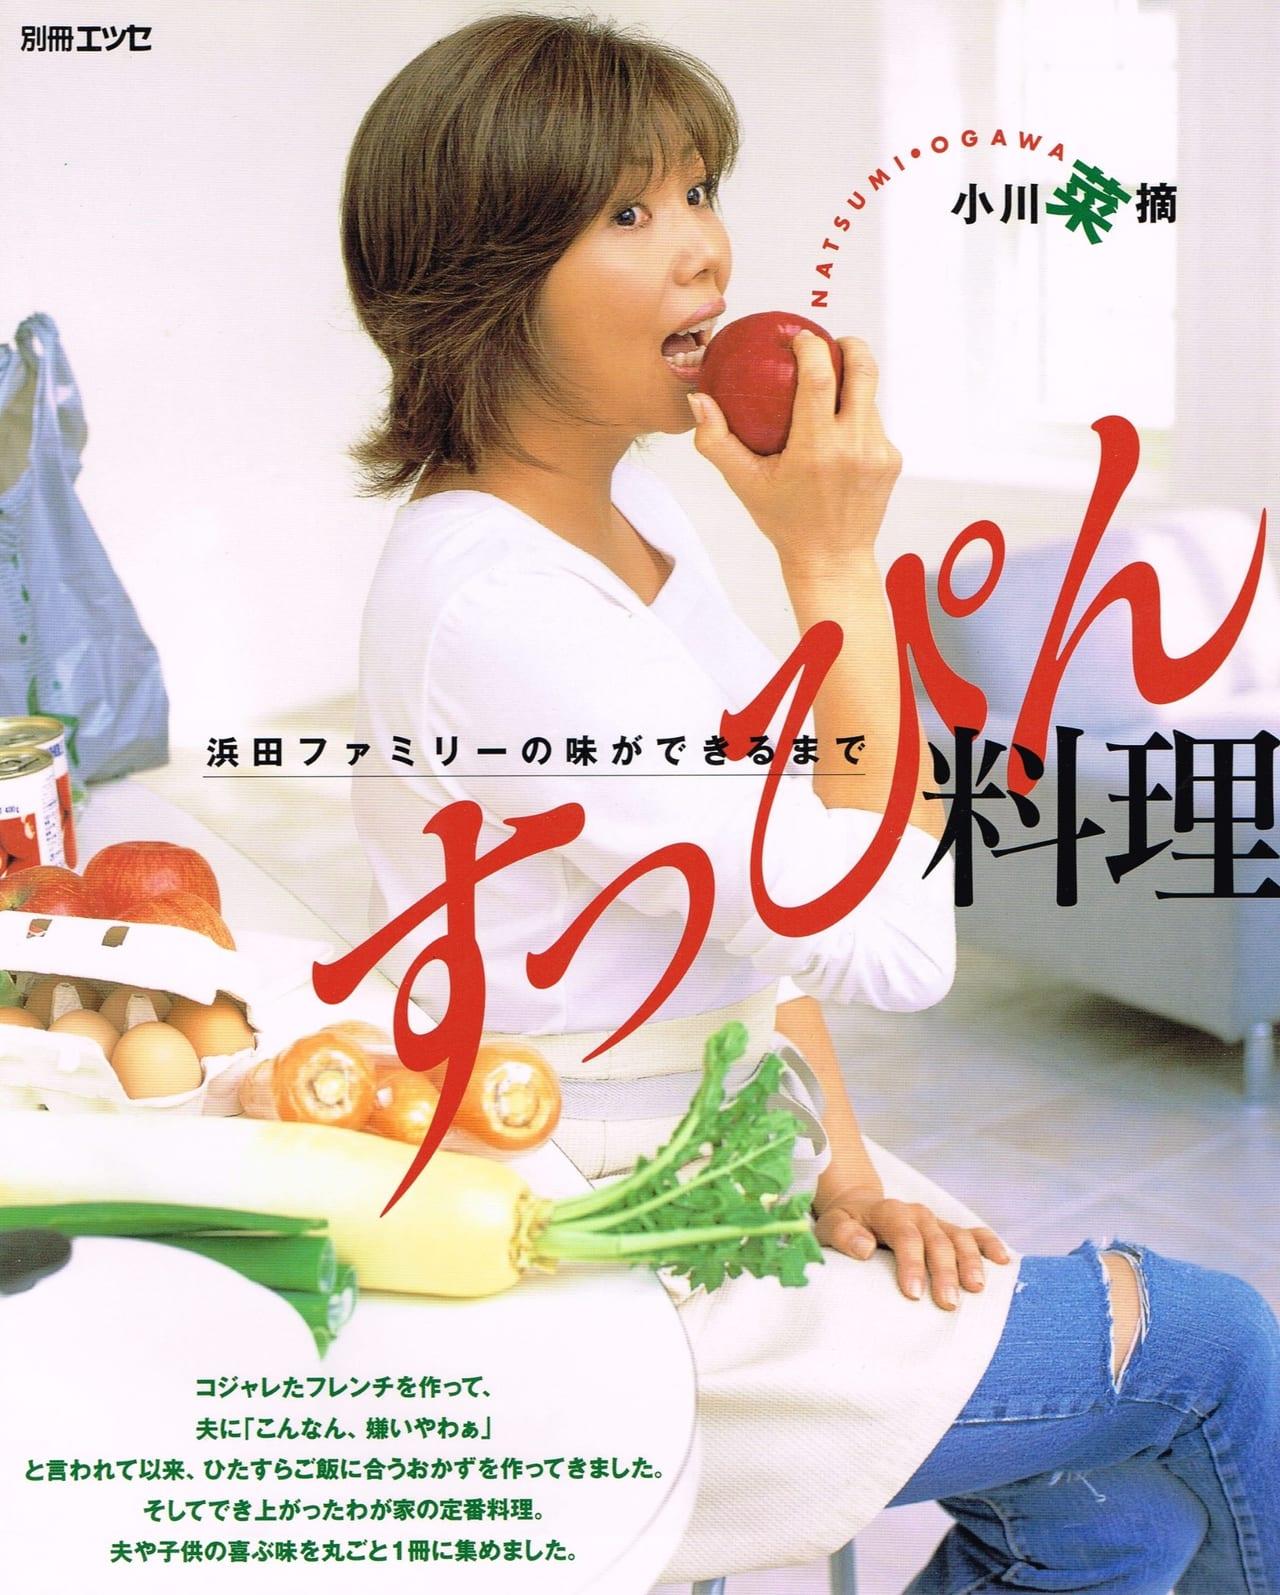 またもや顔が変化した小川菜摘2.0 今度はアゴが無い状態に! ダウンタウン浜ちゃんは全然ツッコまないの!?